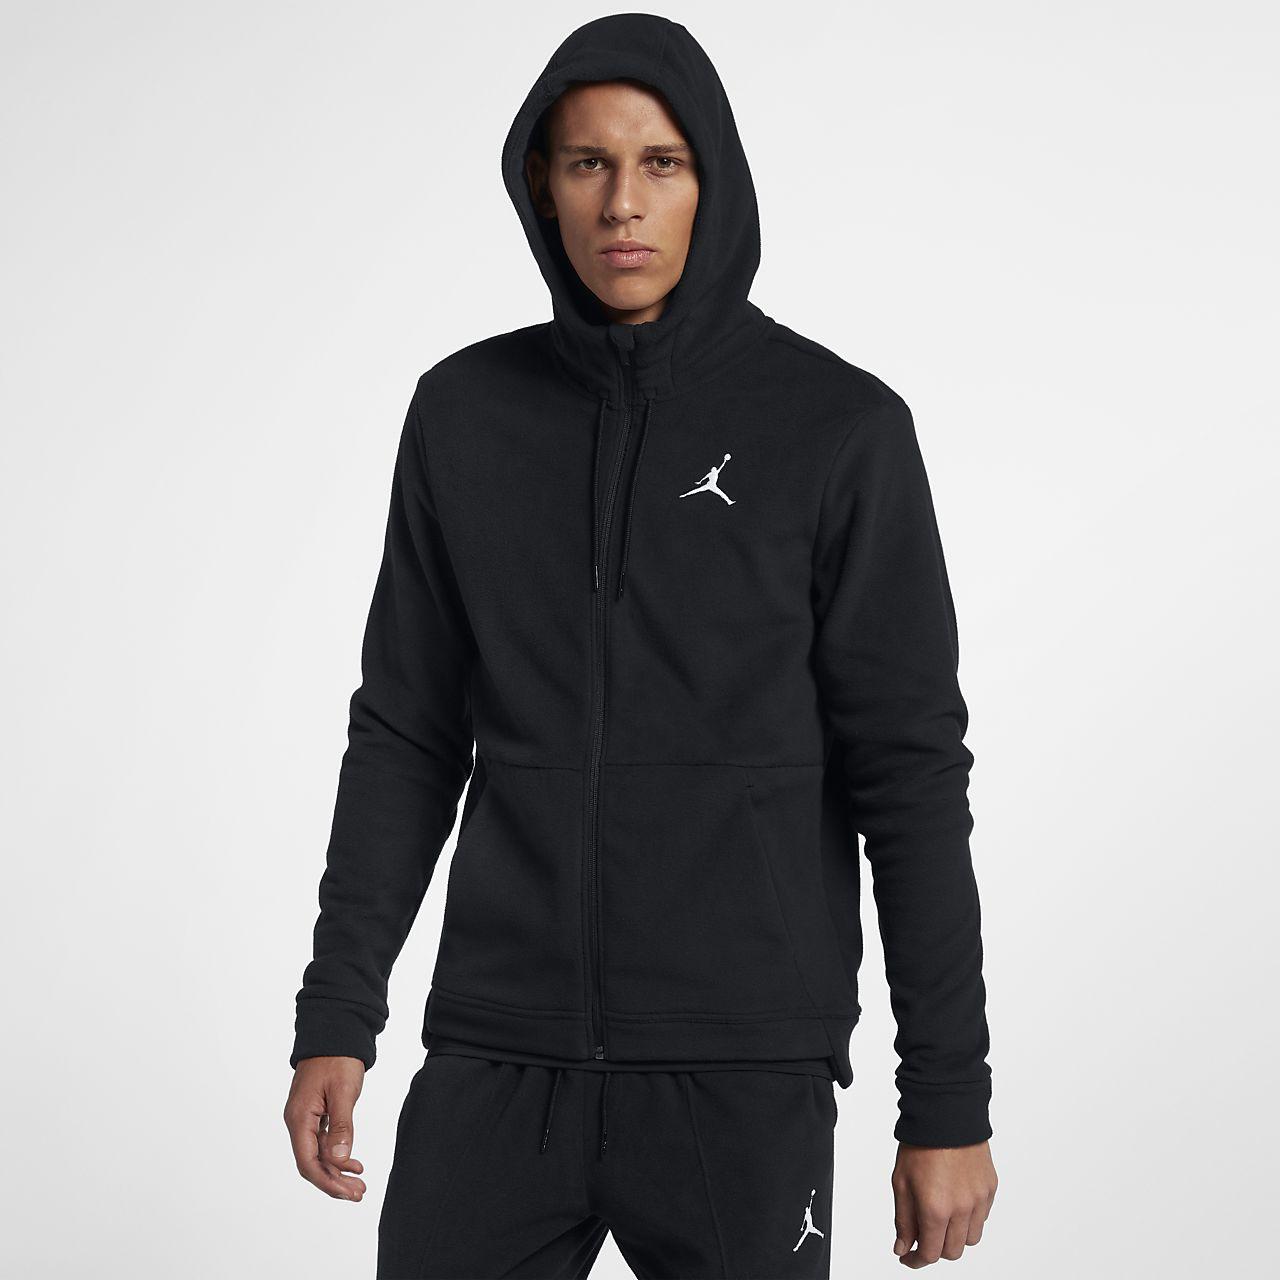 เสื้อเทรนนิ่งมีฮู้ดซิปยาวผู้ชาย Jordan Therma 23 Alpha